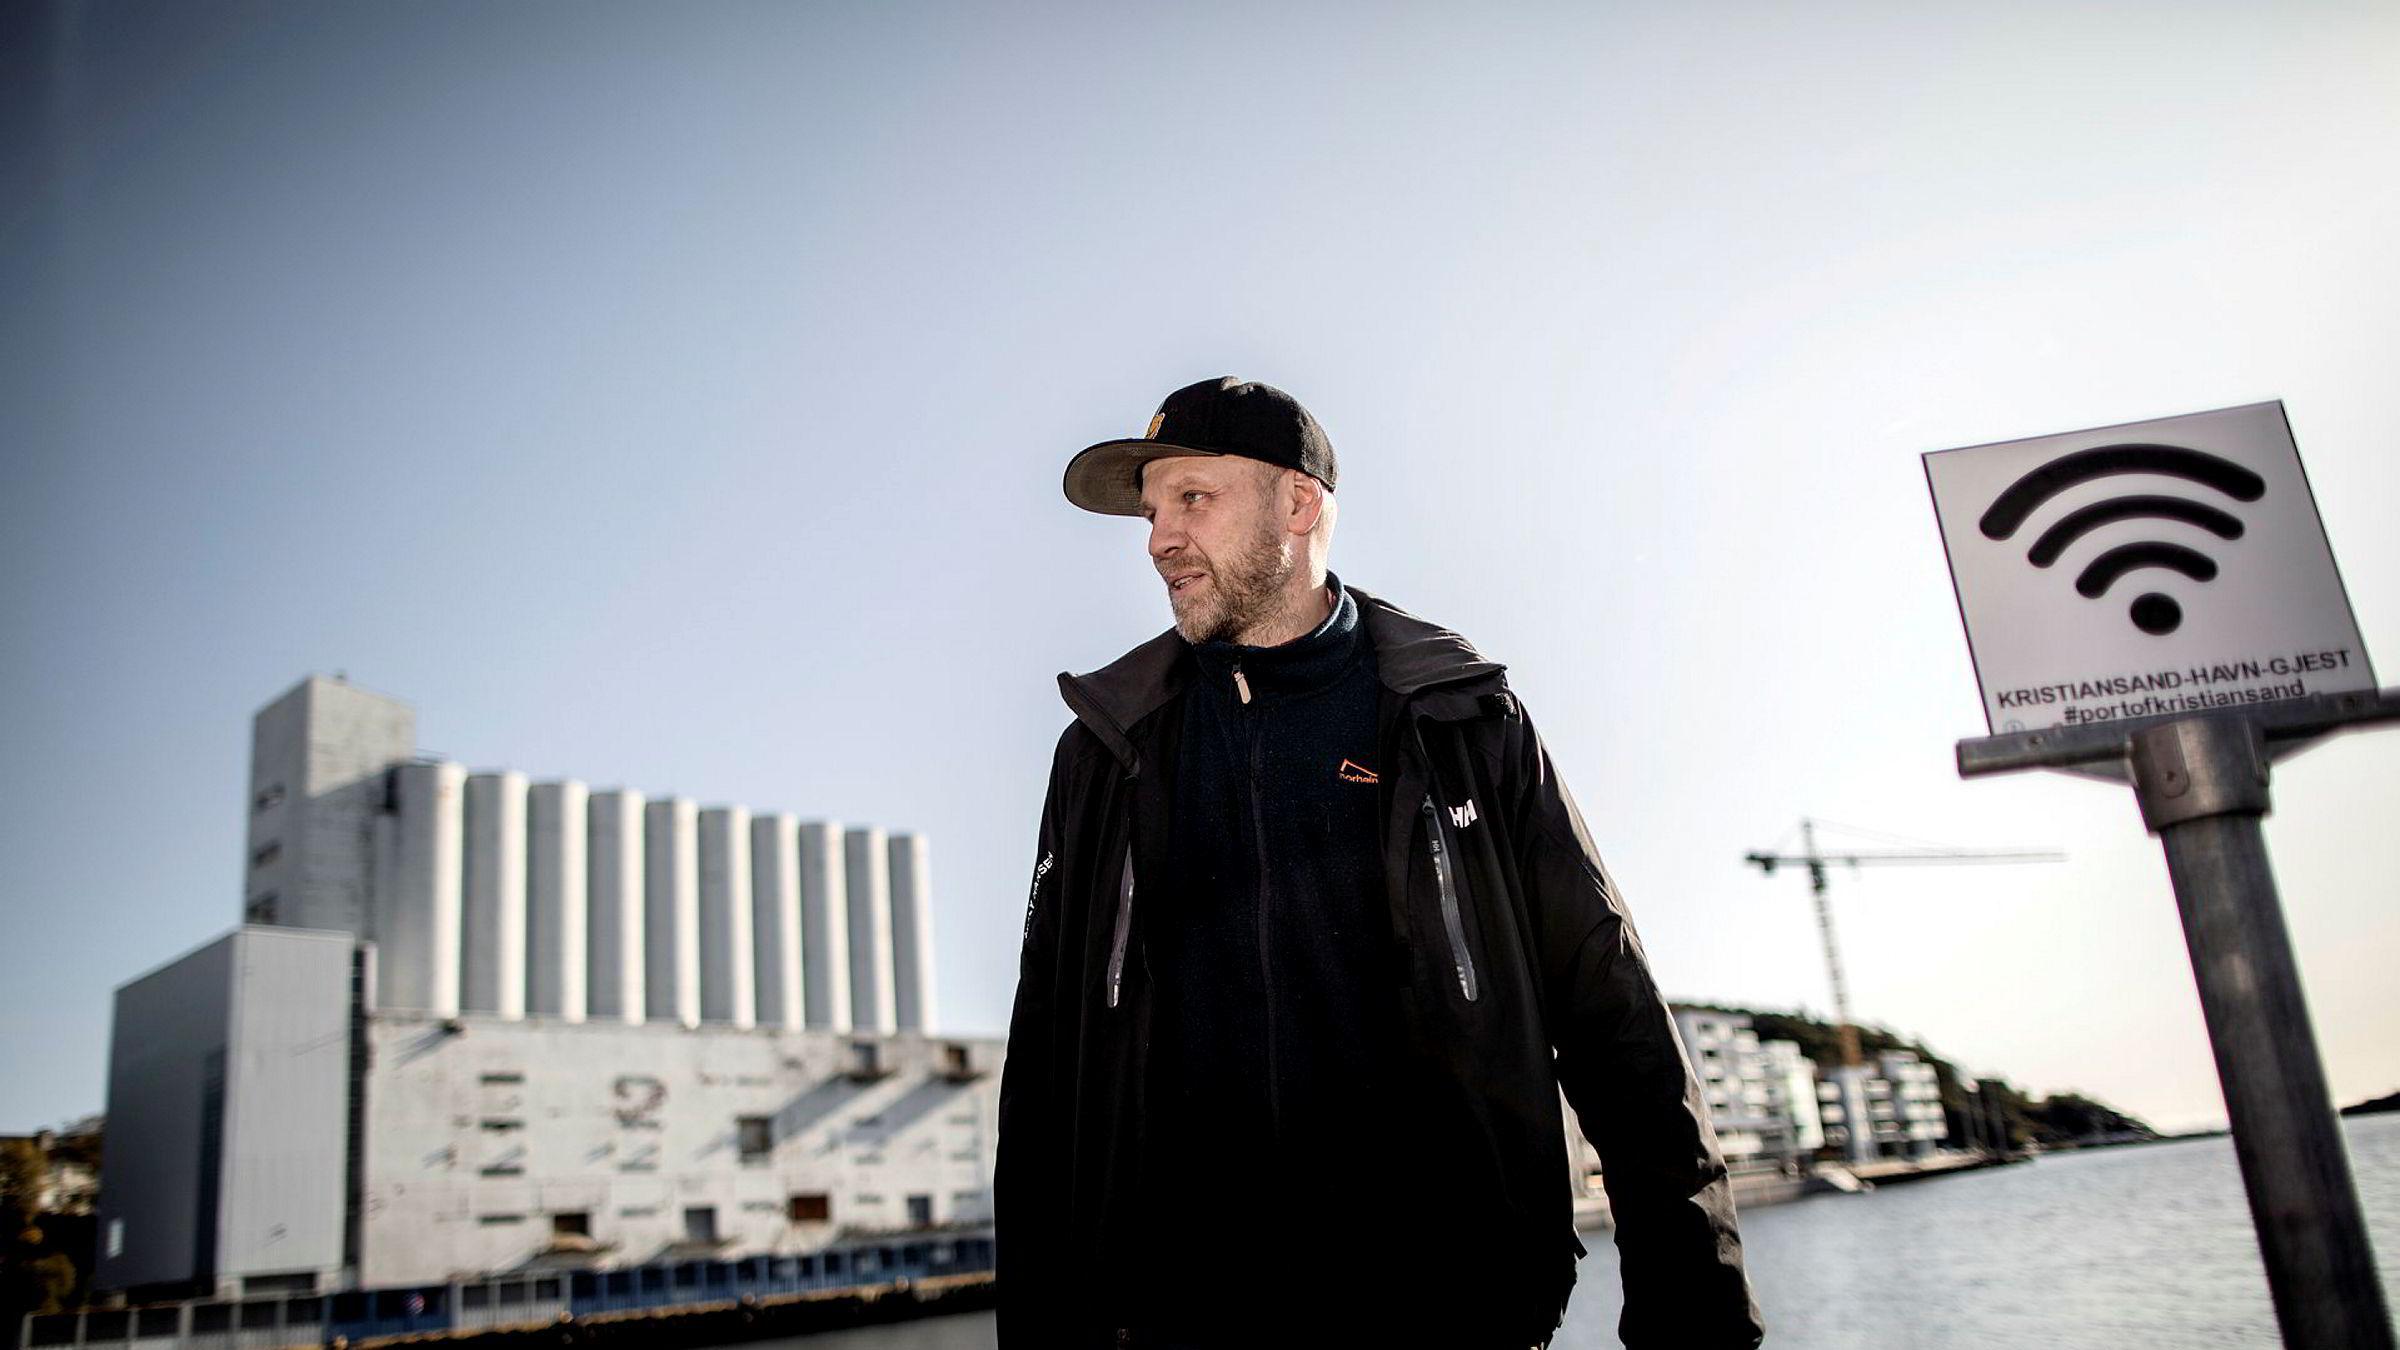 Tronn Hansen trakk seg som redaktør for den omstridte nettsiden Sørlandsnyhetene i mars i fjor. Nettsiden ble opprettet med kontroversen rundt den såkalte kunstsiloen som utgangspunkt.